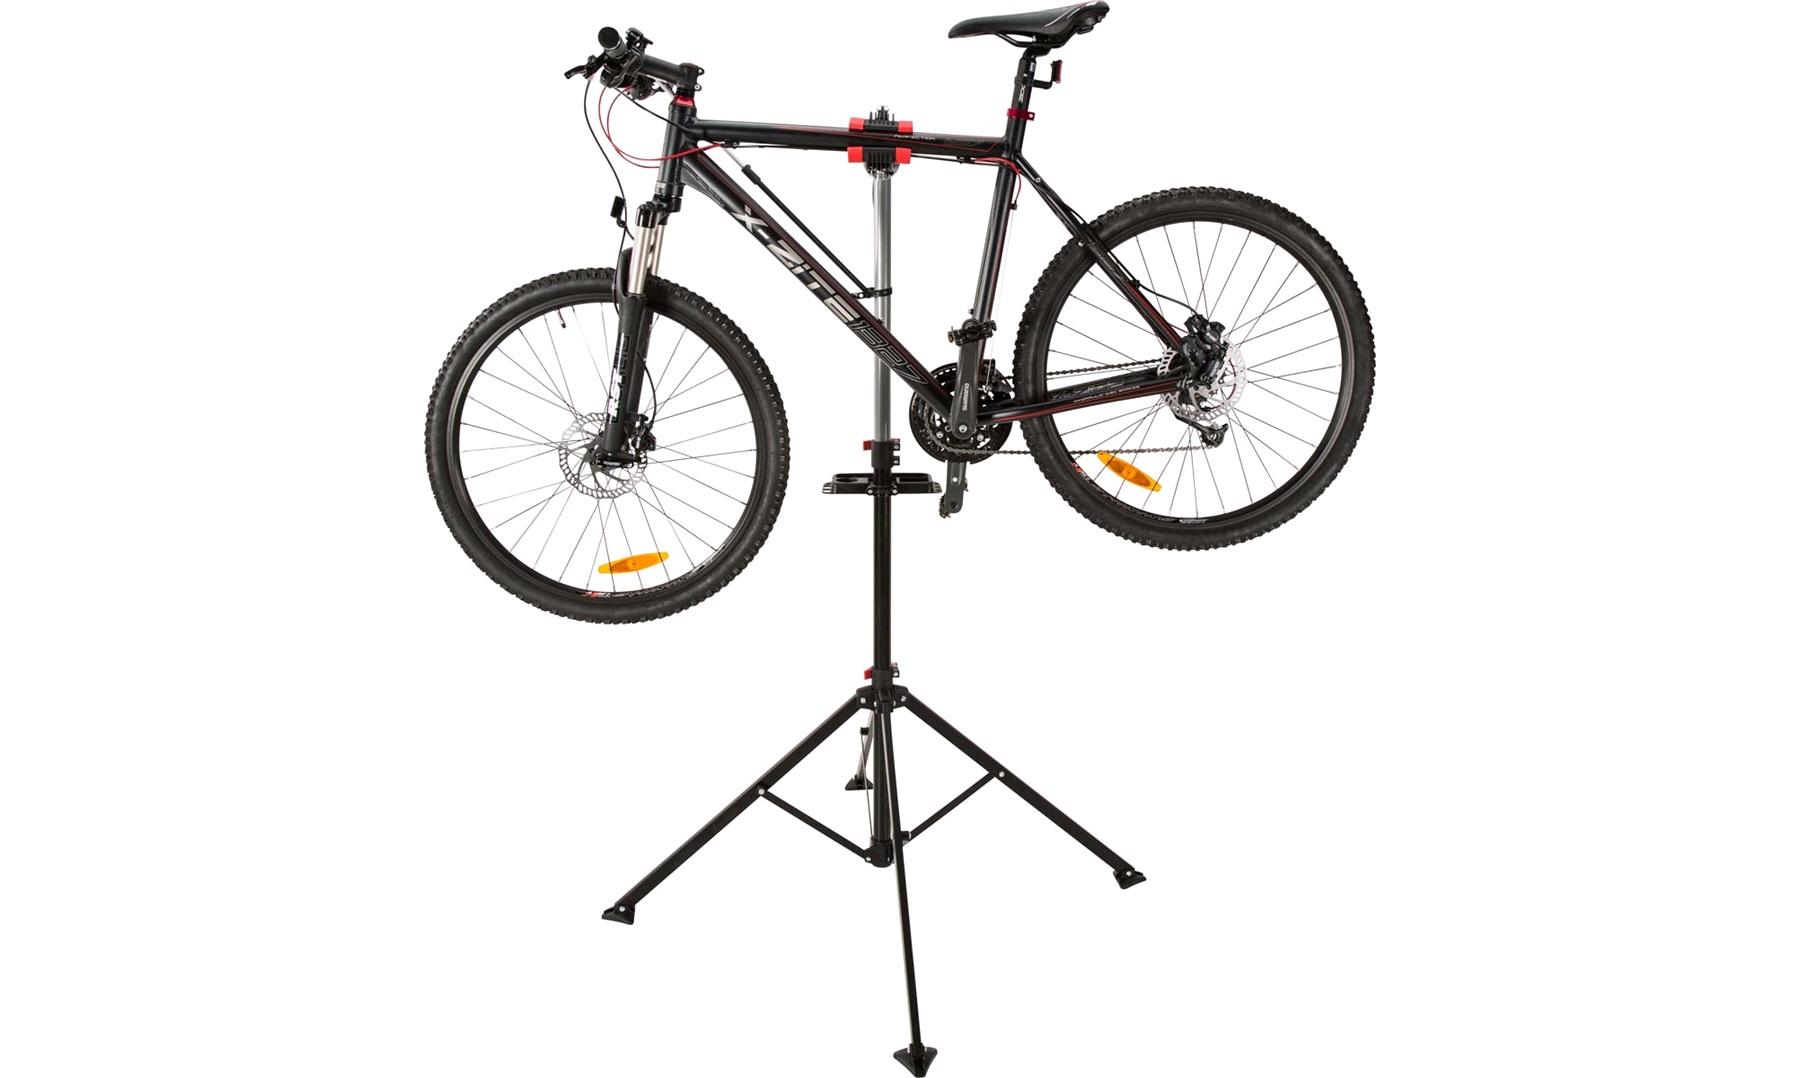 Fantastisk Cykel arbejdsstander sammenklappelig - Cykelværktøj - thansen.dk LK02